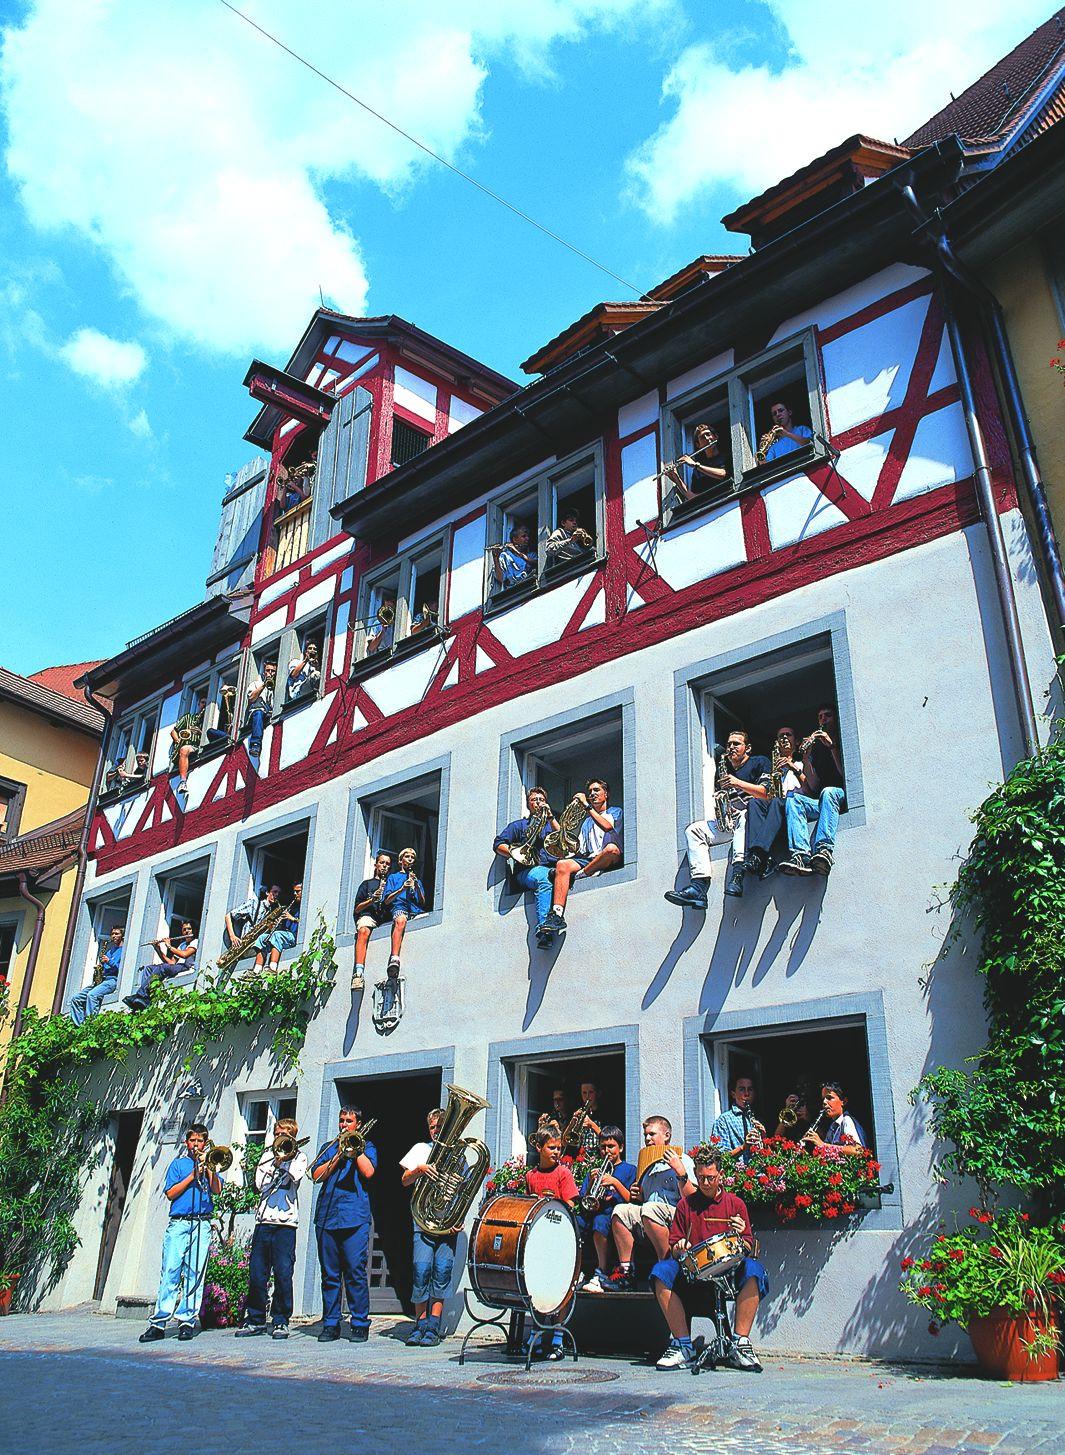 Blick von außen auf das Haus der Jugendmusikschule. Es sitzen die verschiedenen Schüler aus den Fenstern und stehen vor dem Gebäude.